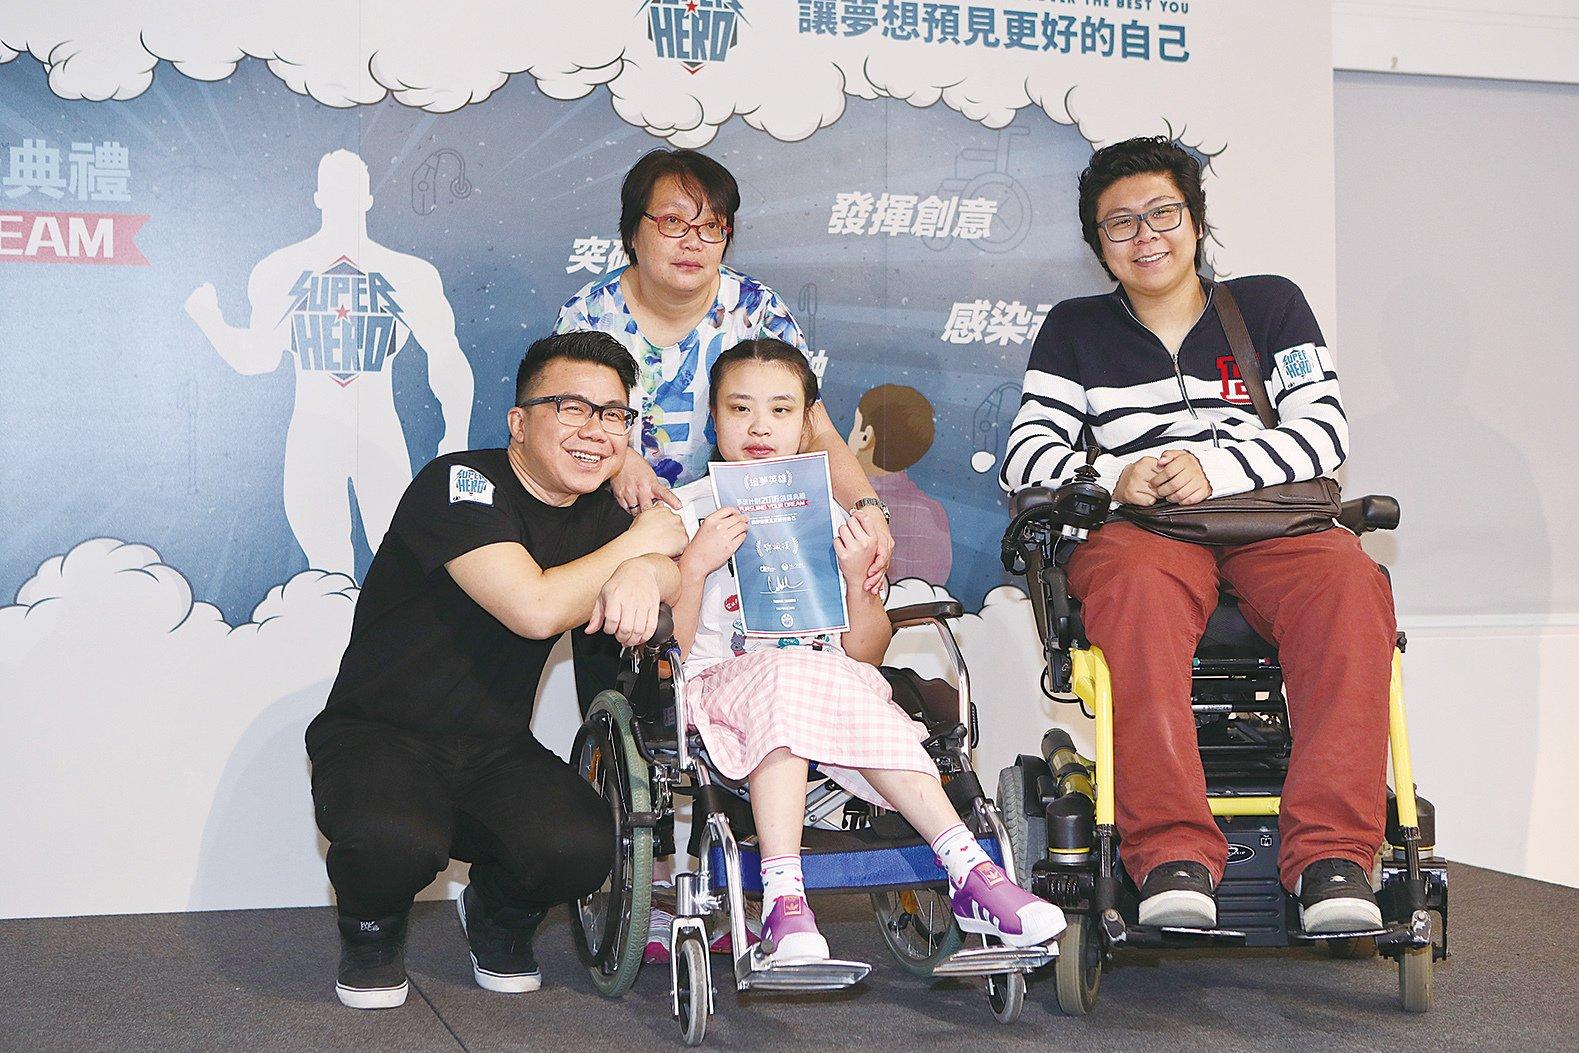 陳奐仁出席活動,為追夢小英雄頒獎。(余鋼╱大紀元)